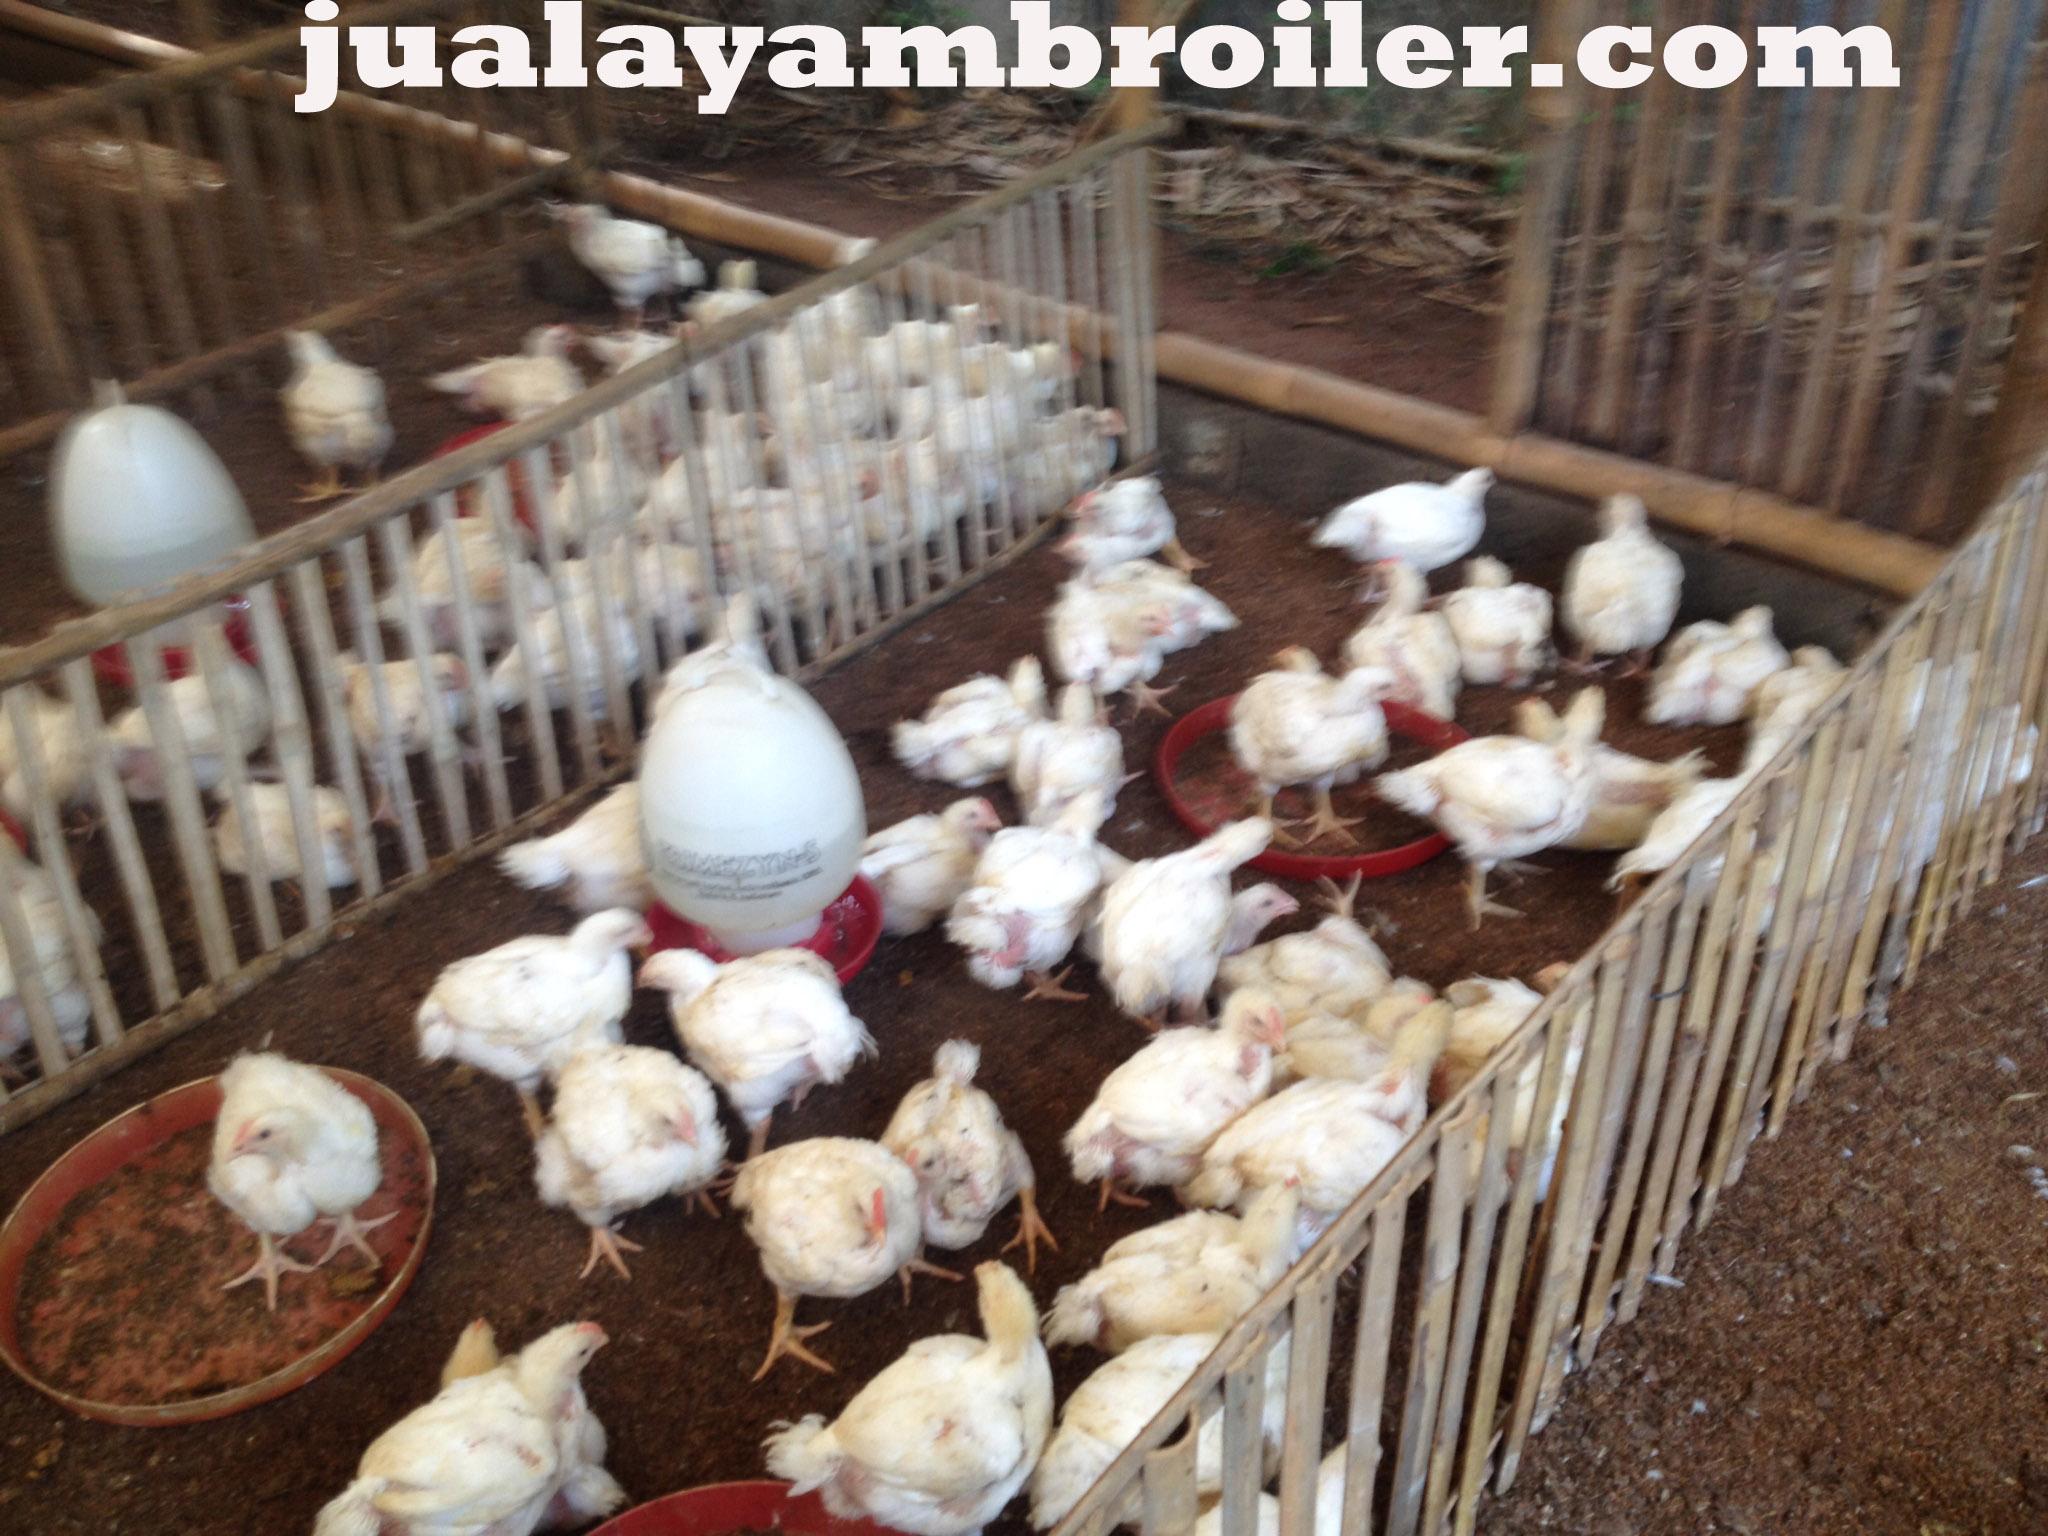 Jual Ayam Broiler Kalibata Jakarta Selatan